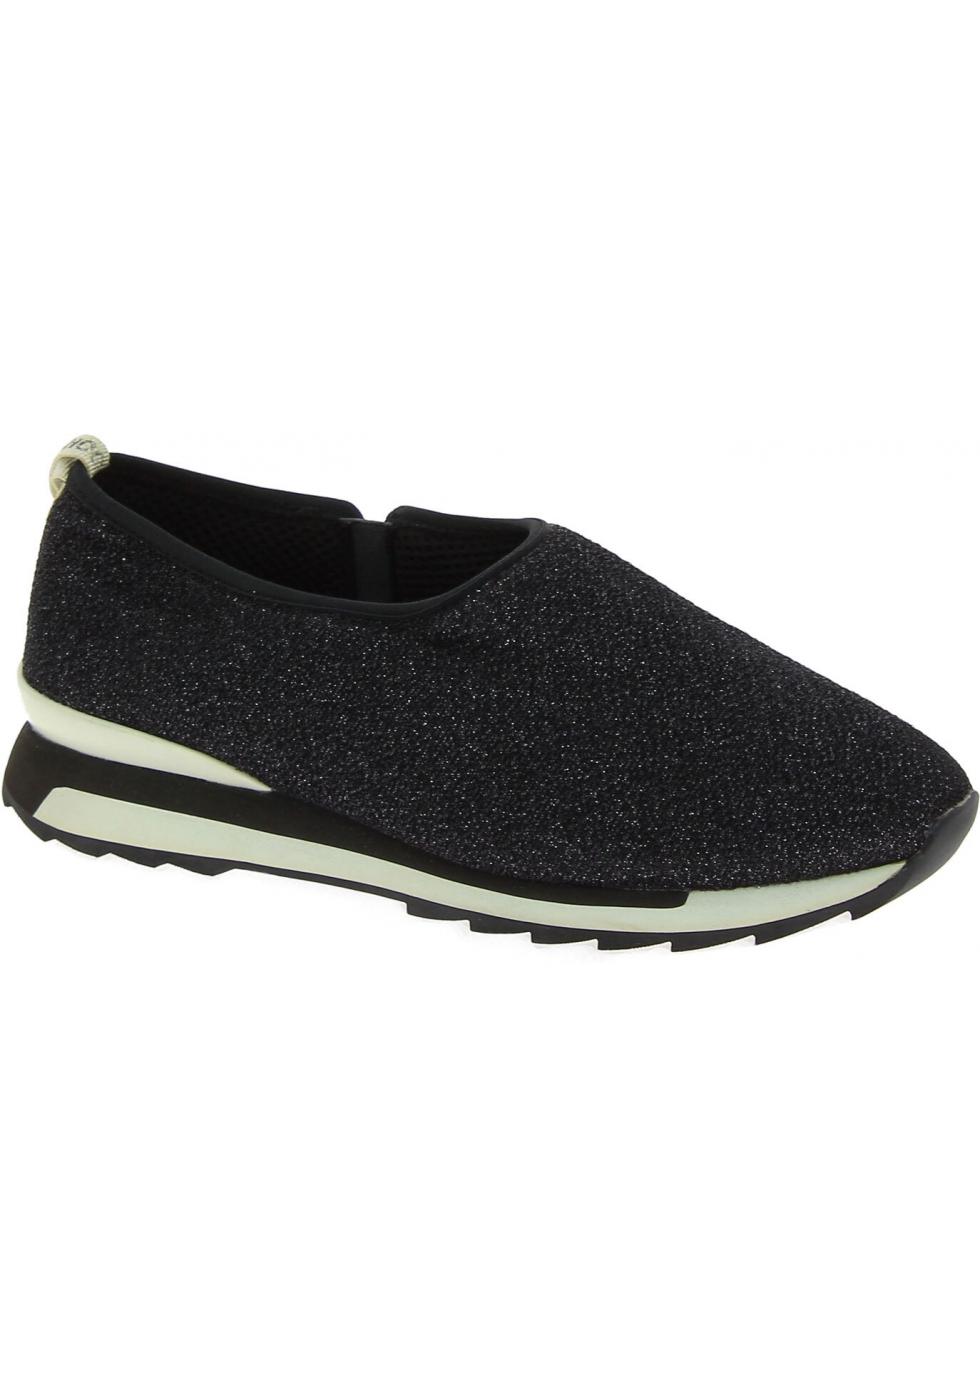 Hogan Sneakers basse slip-on fashion da donna in tessuto nero con ...